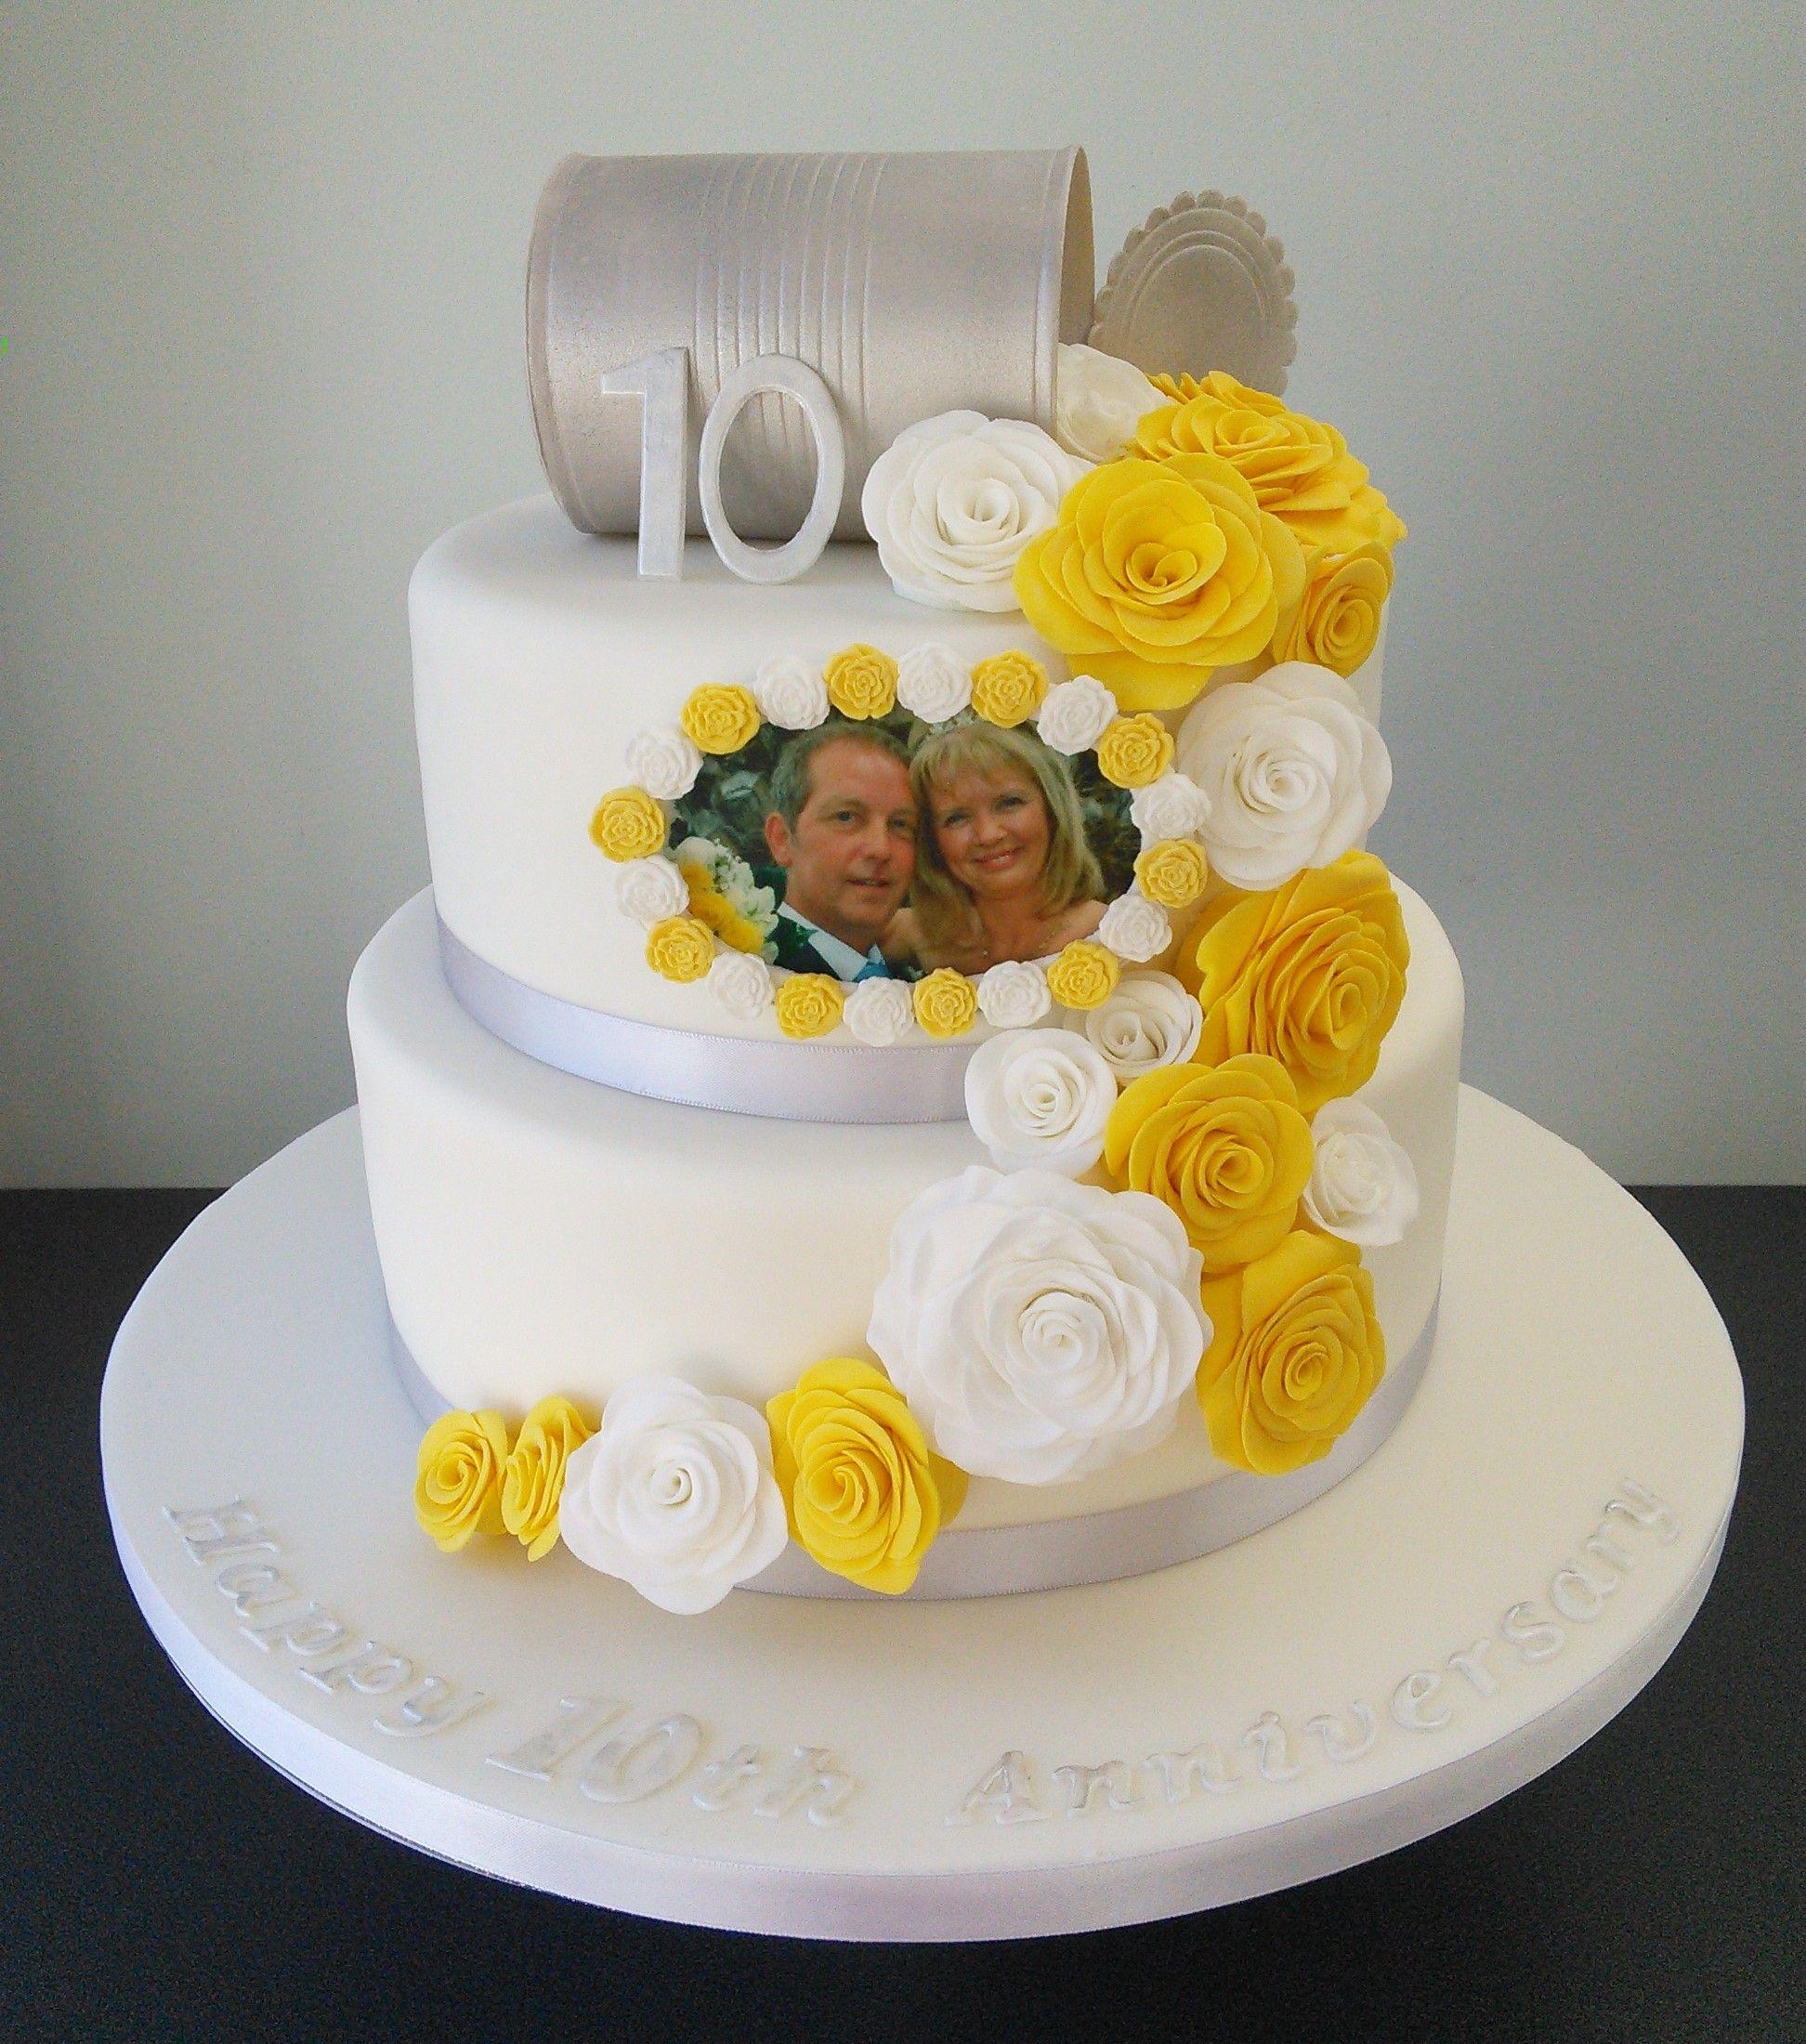 Tin Anniversary cake, 10 years. yellow and white roses, edible photo ...